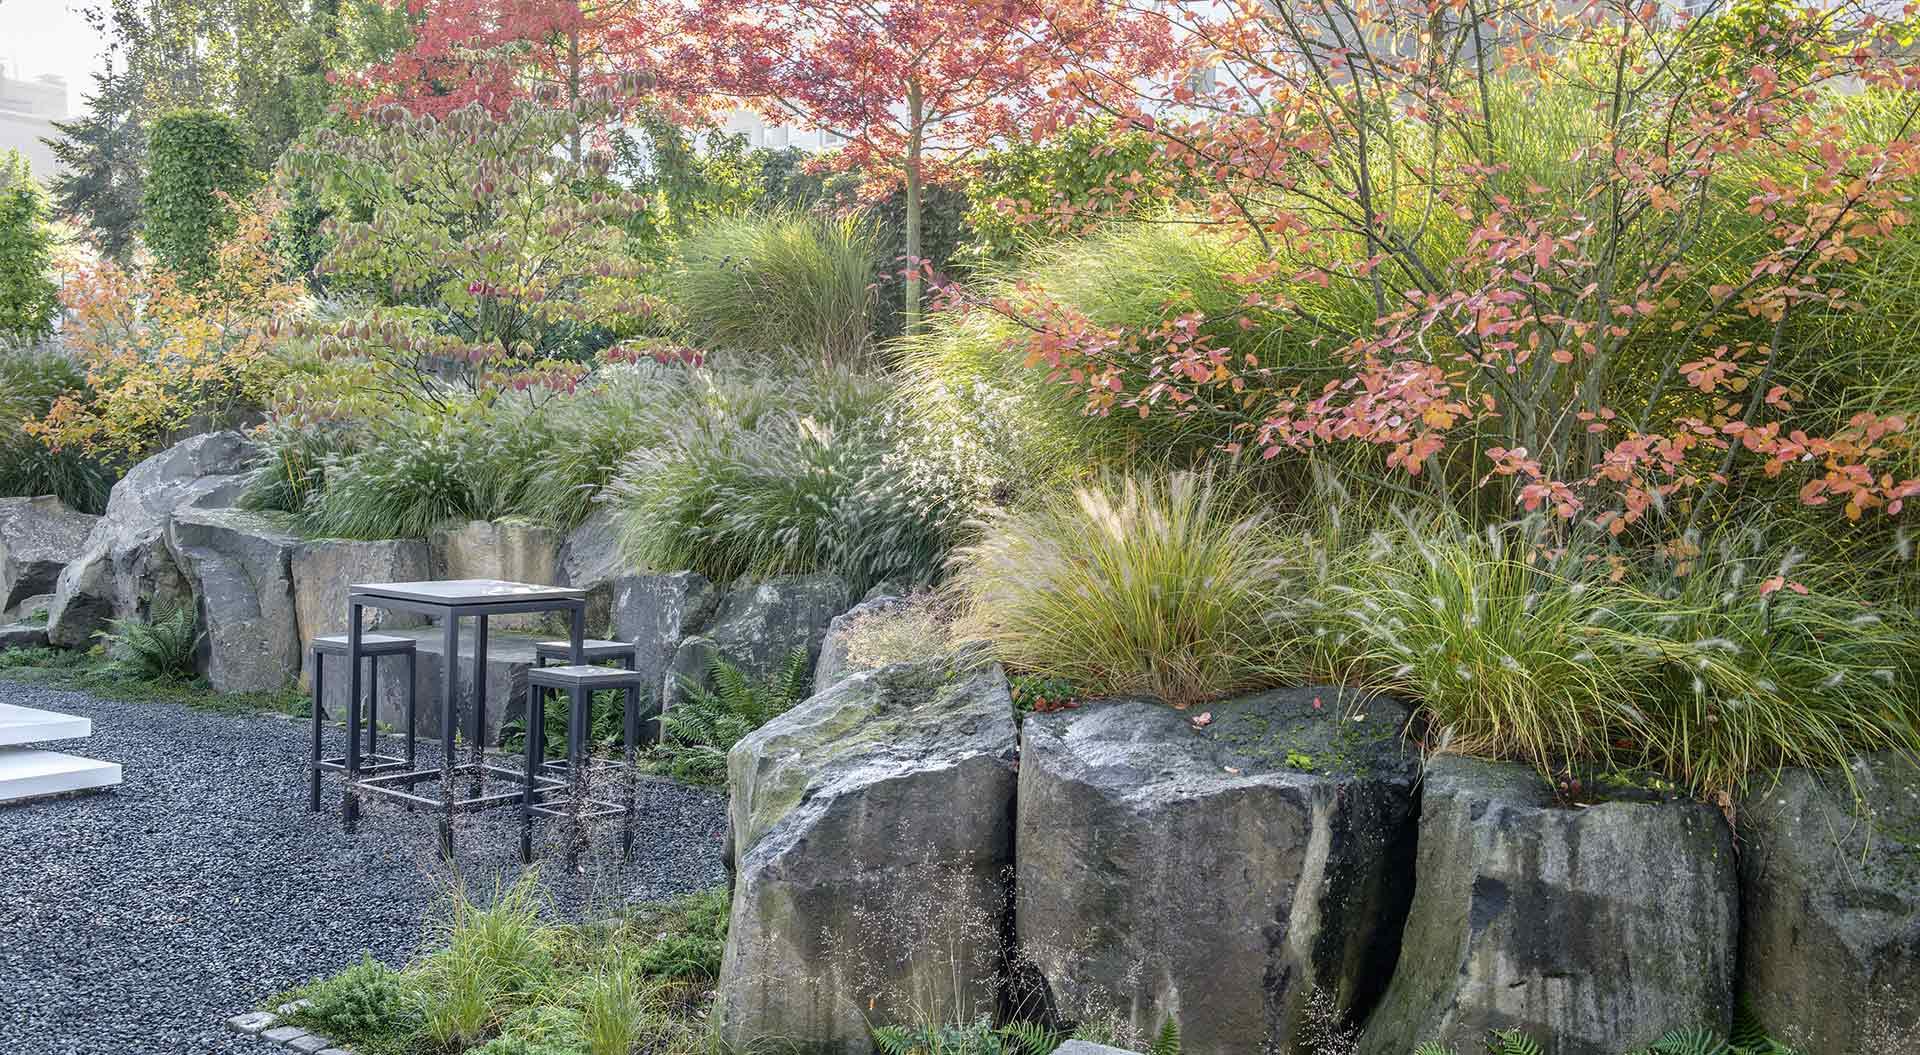 Tisch und Hocker auf Kies-Plateau in mitten eines modernen Hanggartens